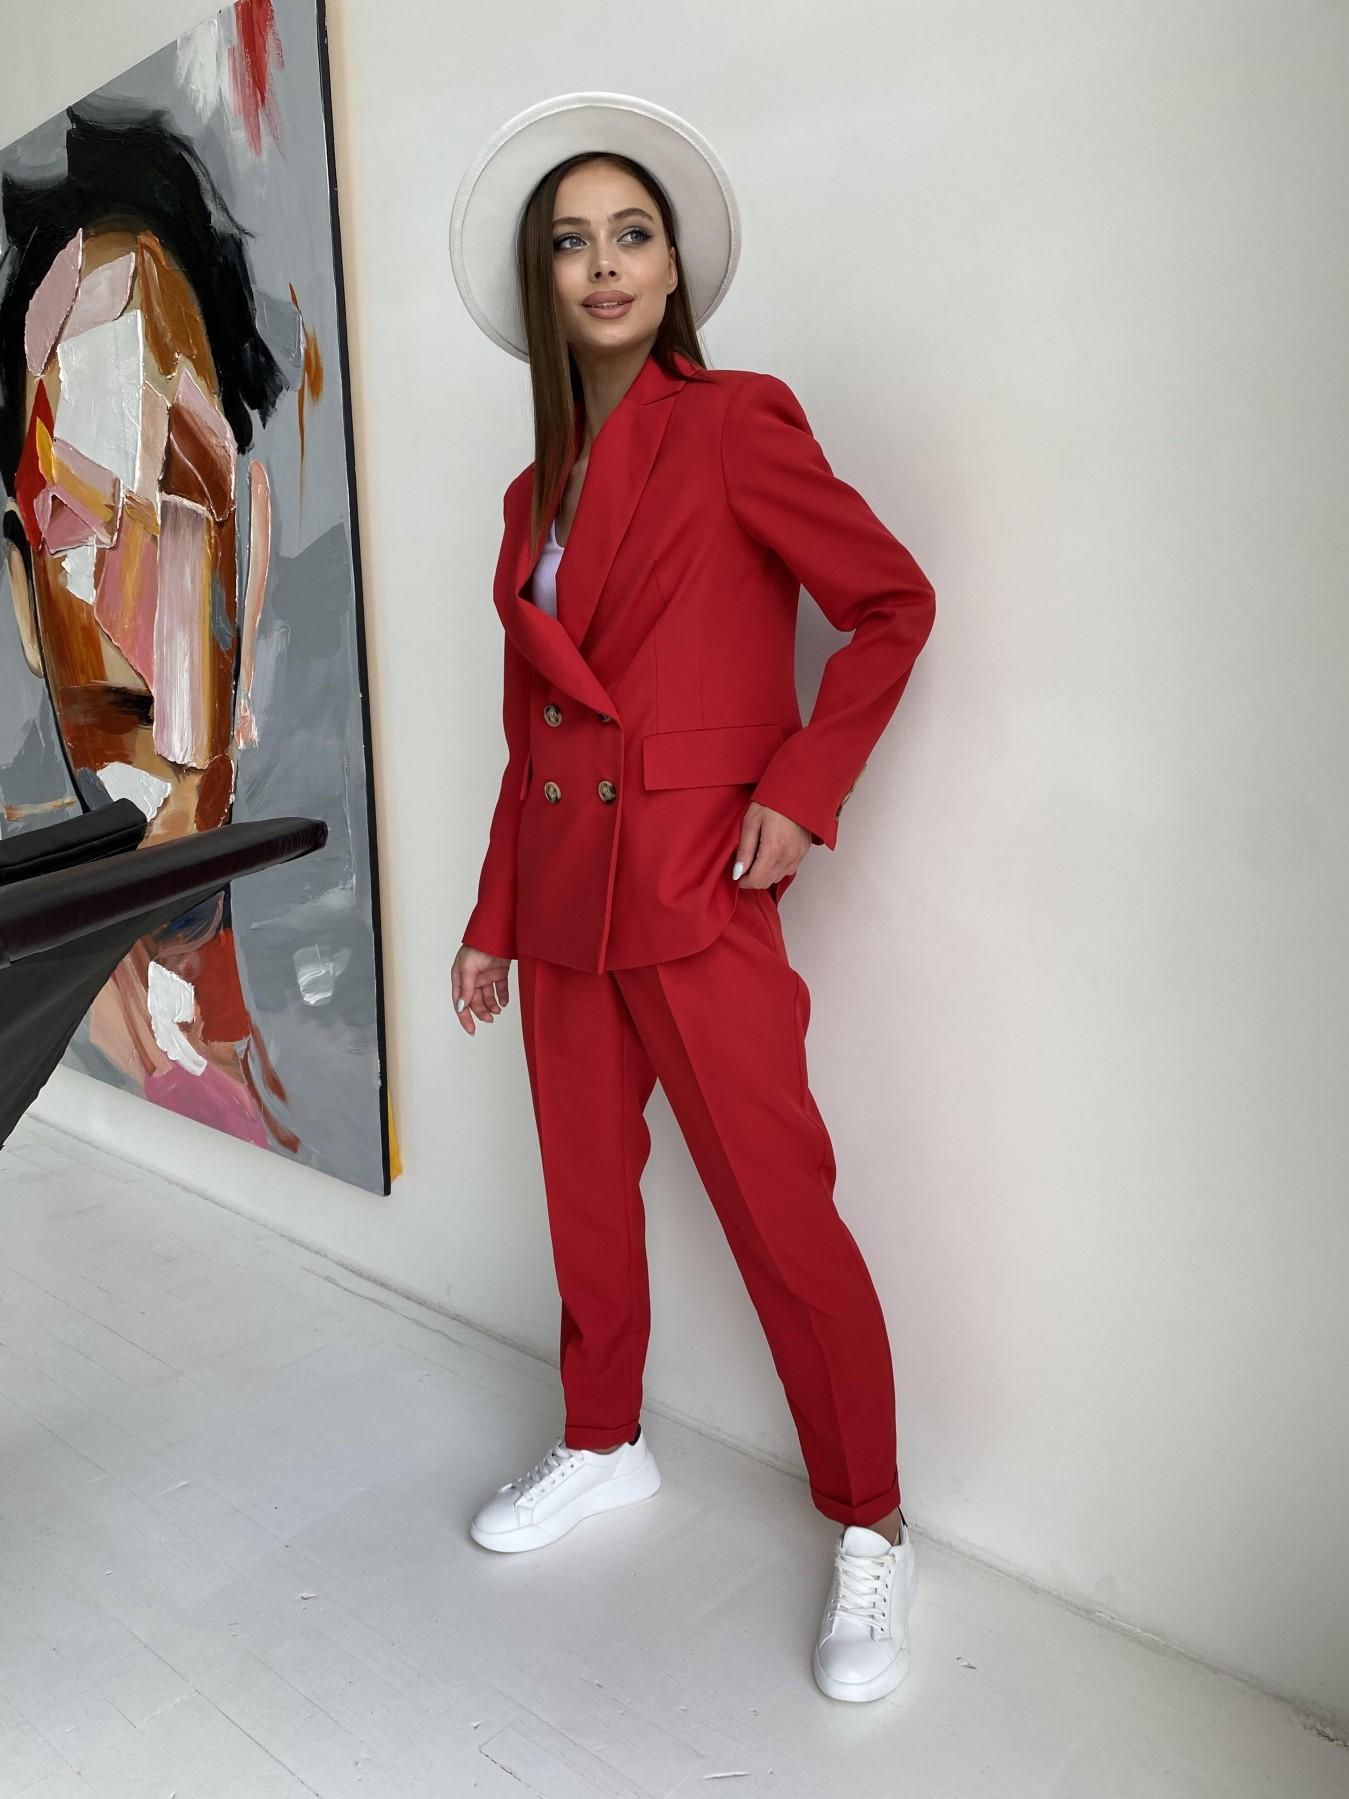 Франко костюм из костюмной ткани 11090 АРТ. 47798 Цвет: Красный - фото 4, интернет магазин tm-modus.ru